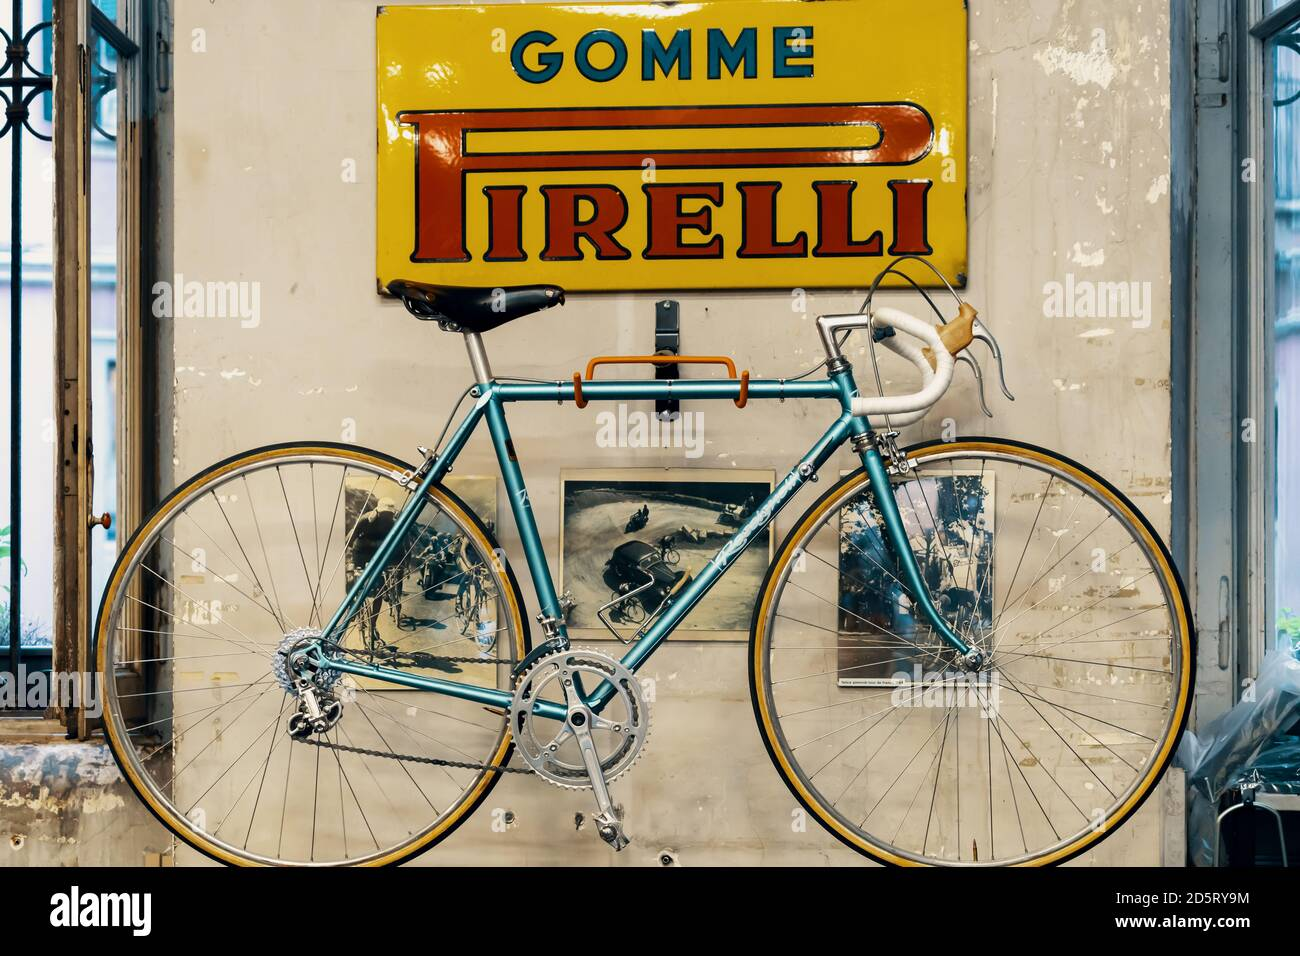 Logo Pirelli en la pared, bicicleta en tienda de bicicletas. Pirelli es una empresa multinacional italiana, centrada en el negocio de consumo. Milán, Italia - 28 Foto de stock